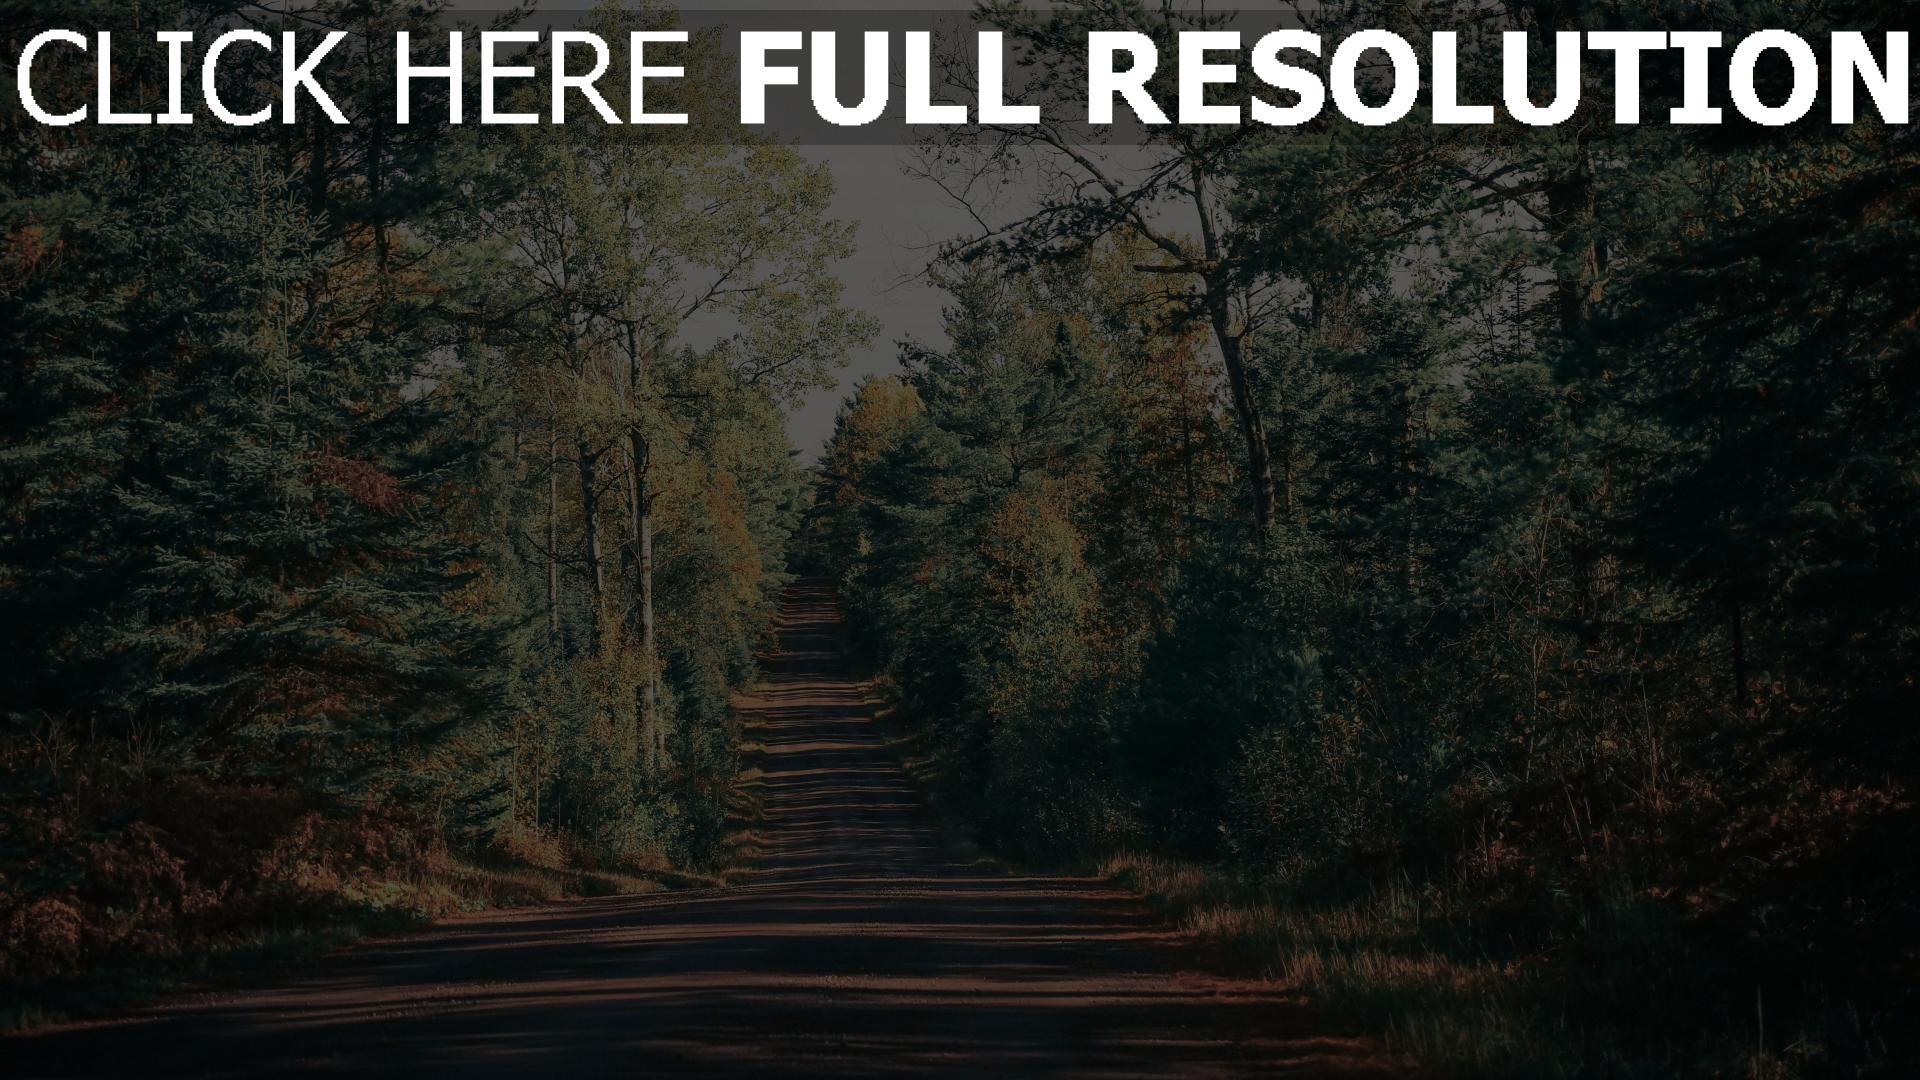 hd hintergrundbilder schatten bäume weg 1920x1080